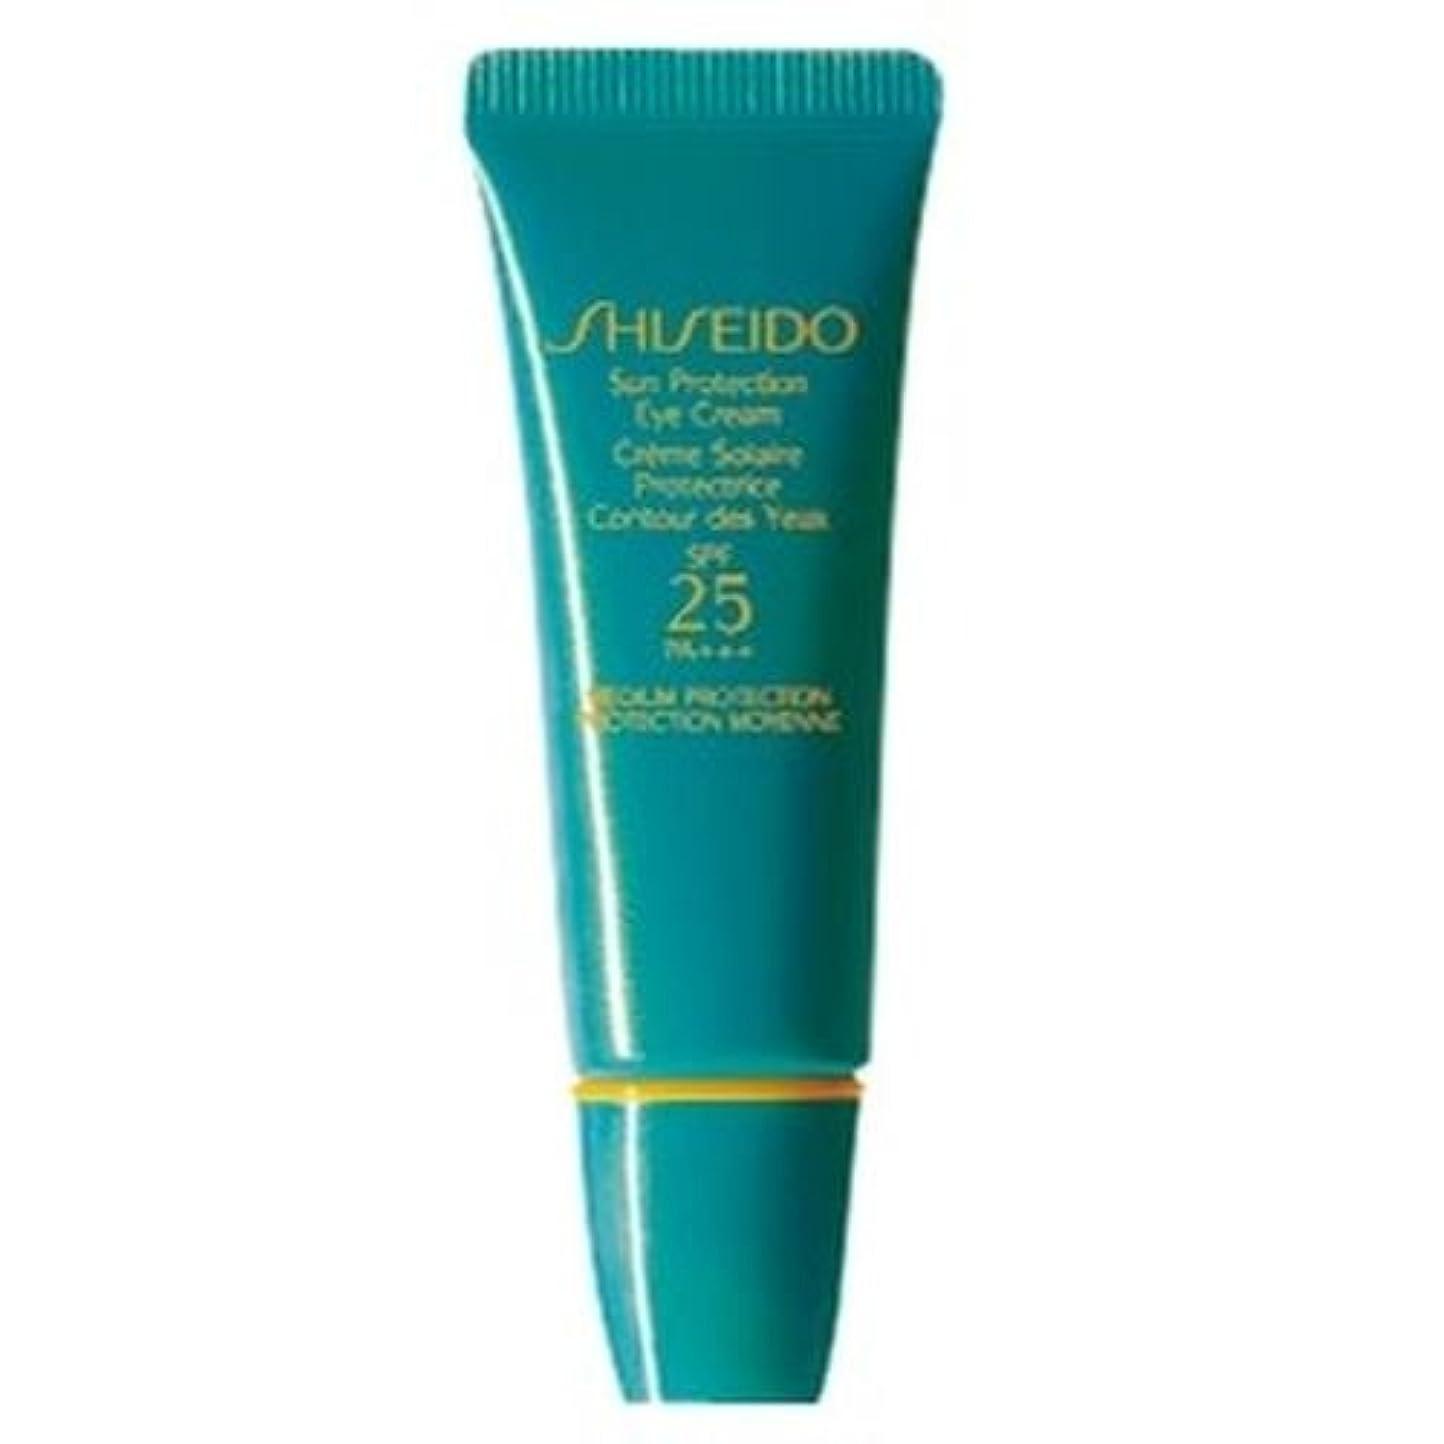 留まるメニュー日常的に[Shiseido] 資生堂サンプロテクションアイクリーム15ミリリットル - Shiseido Sun Protection Eye Cream 15ml [並行輸入品]